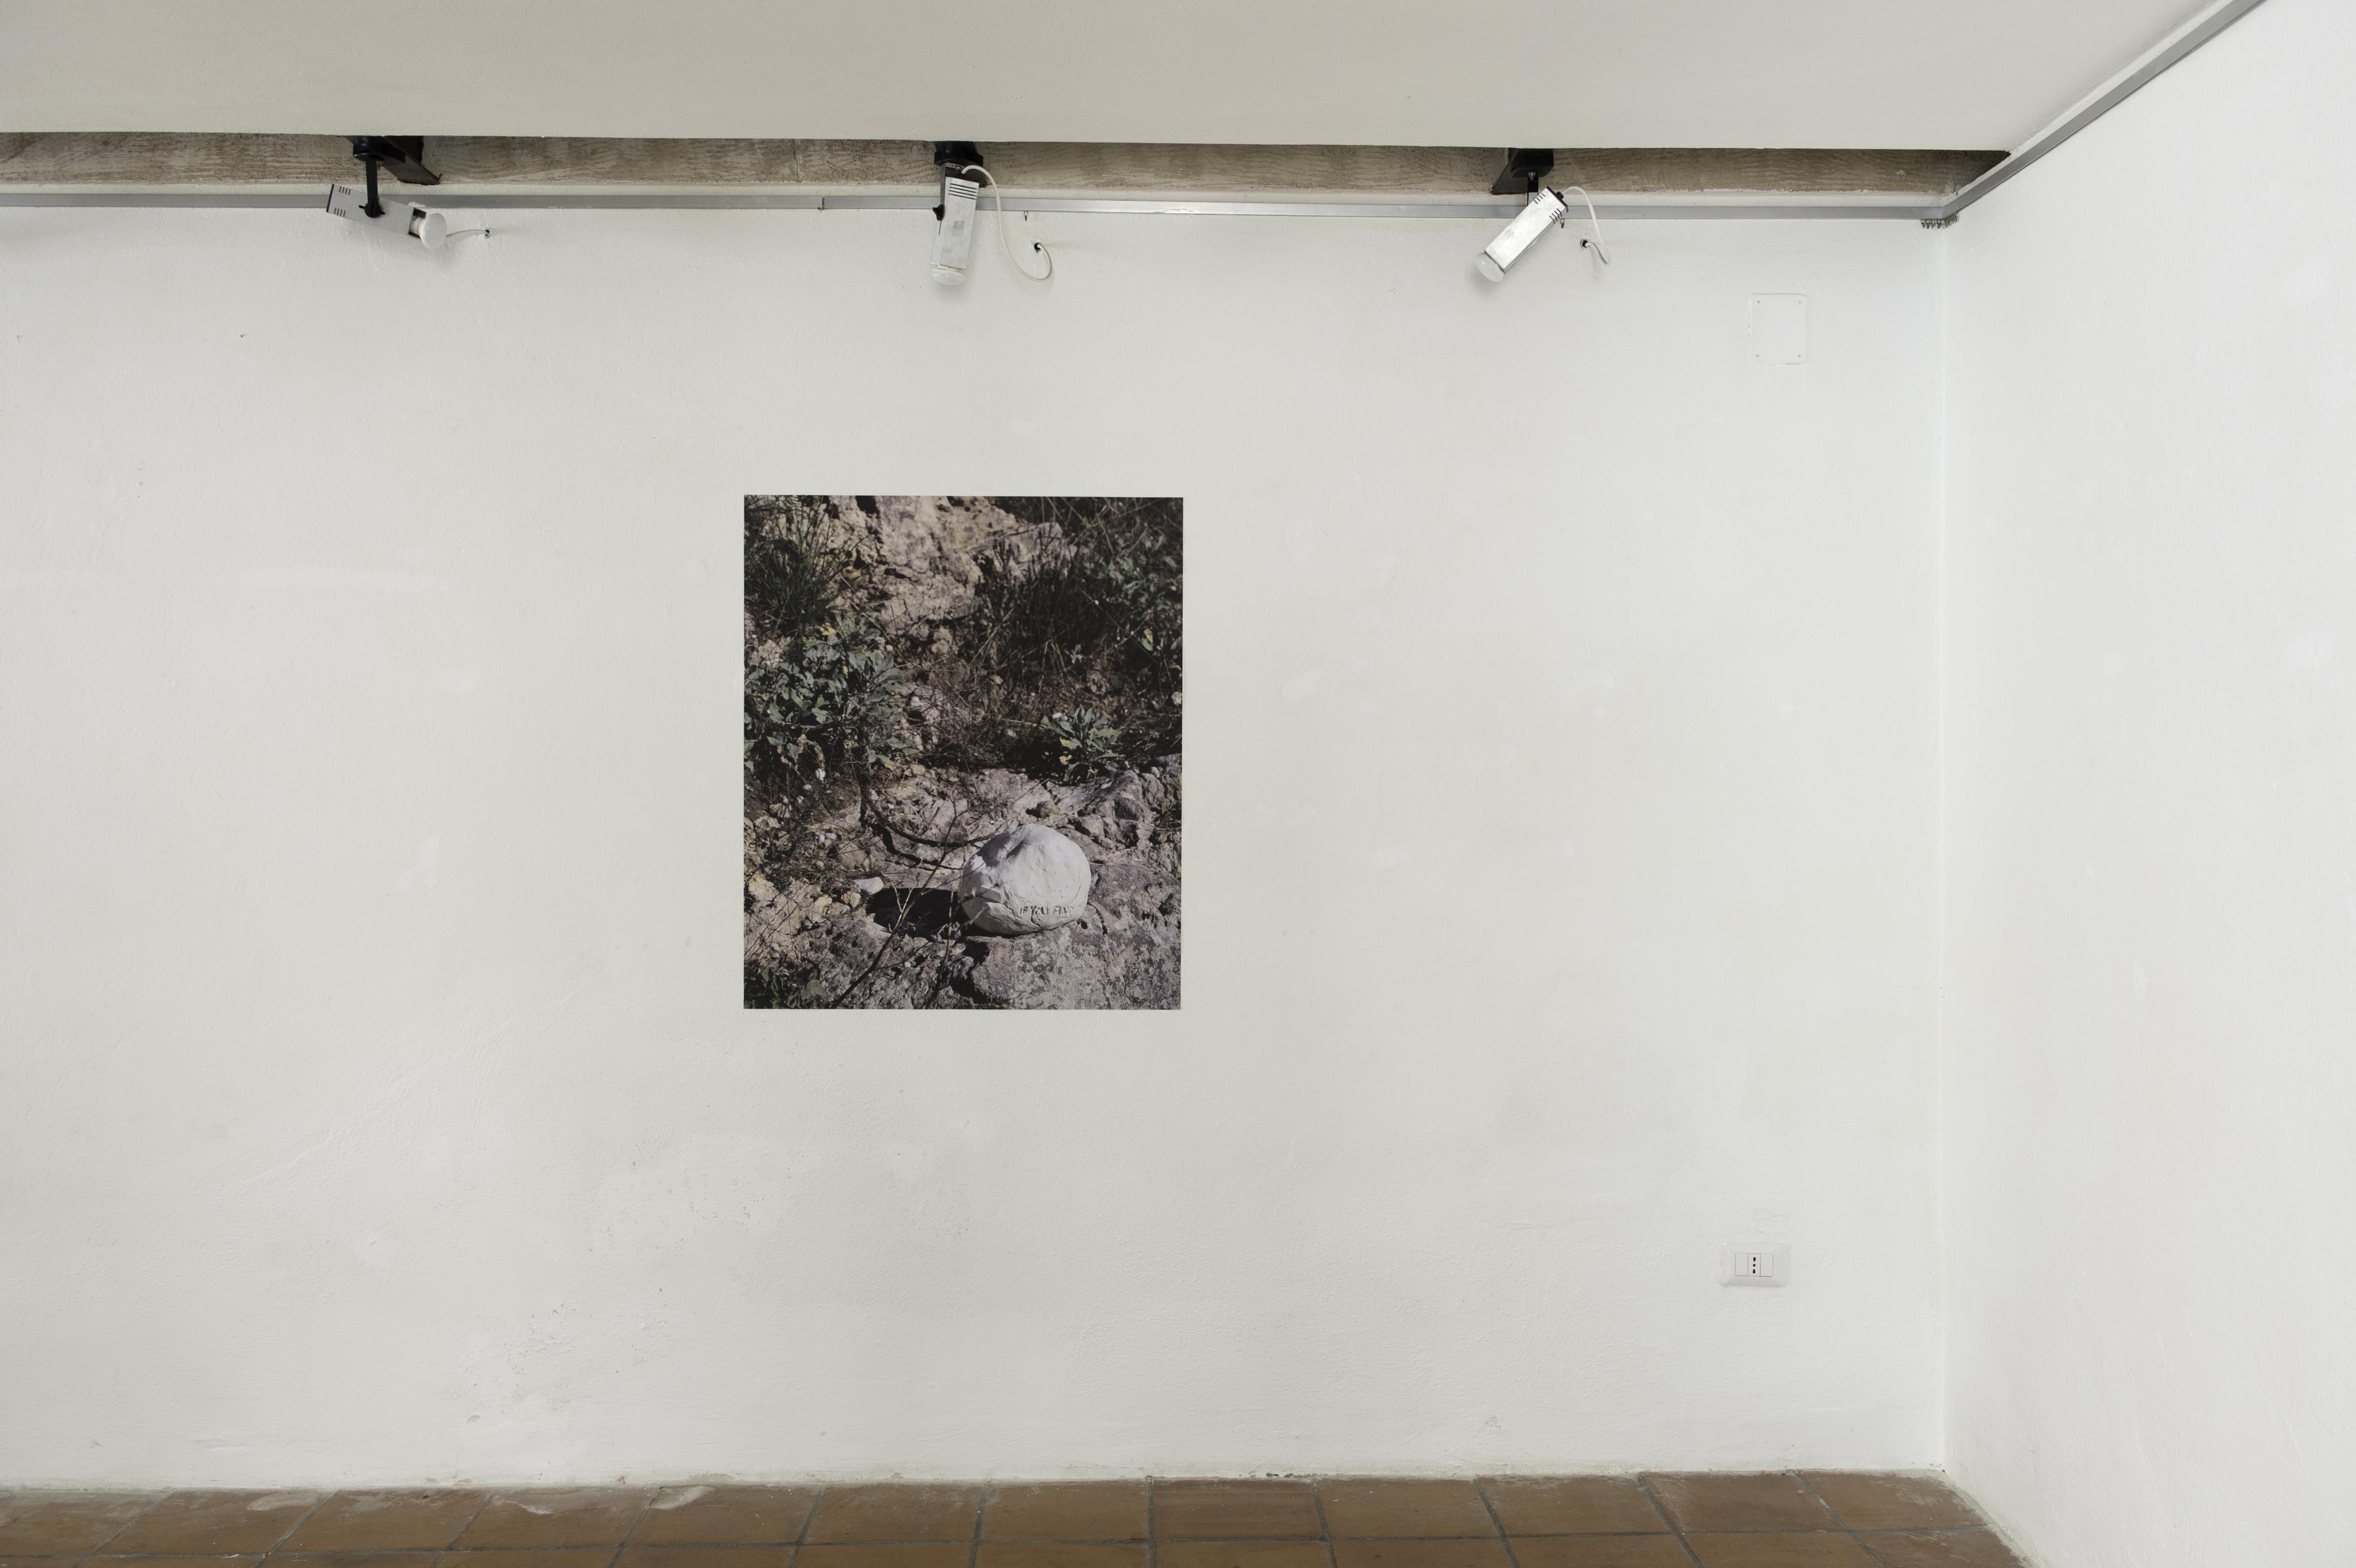 Ausstellungsansicht arte visive Gallery Italien.jpg